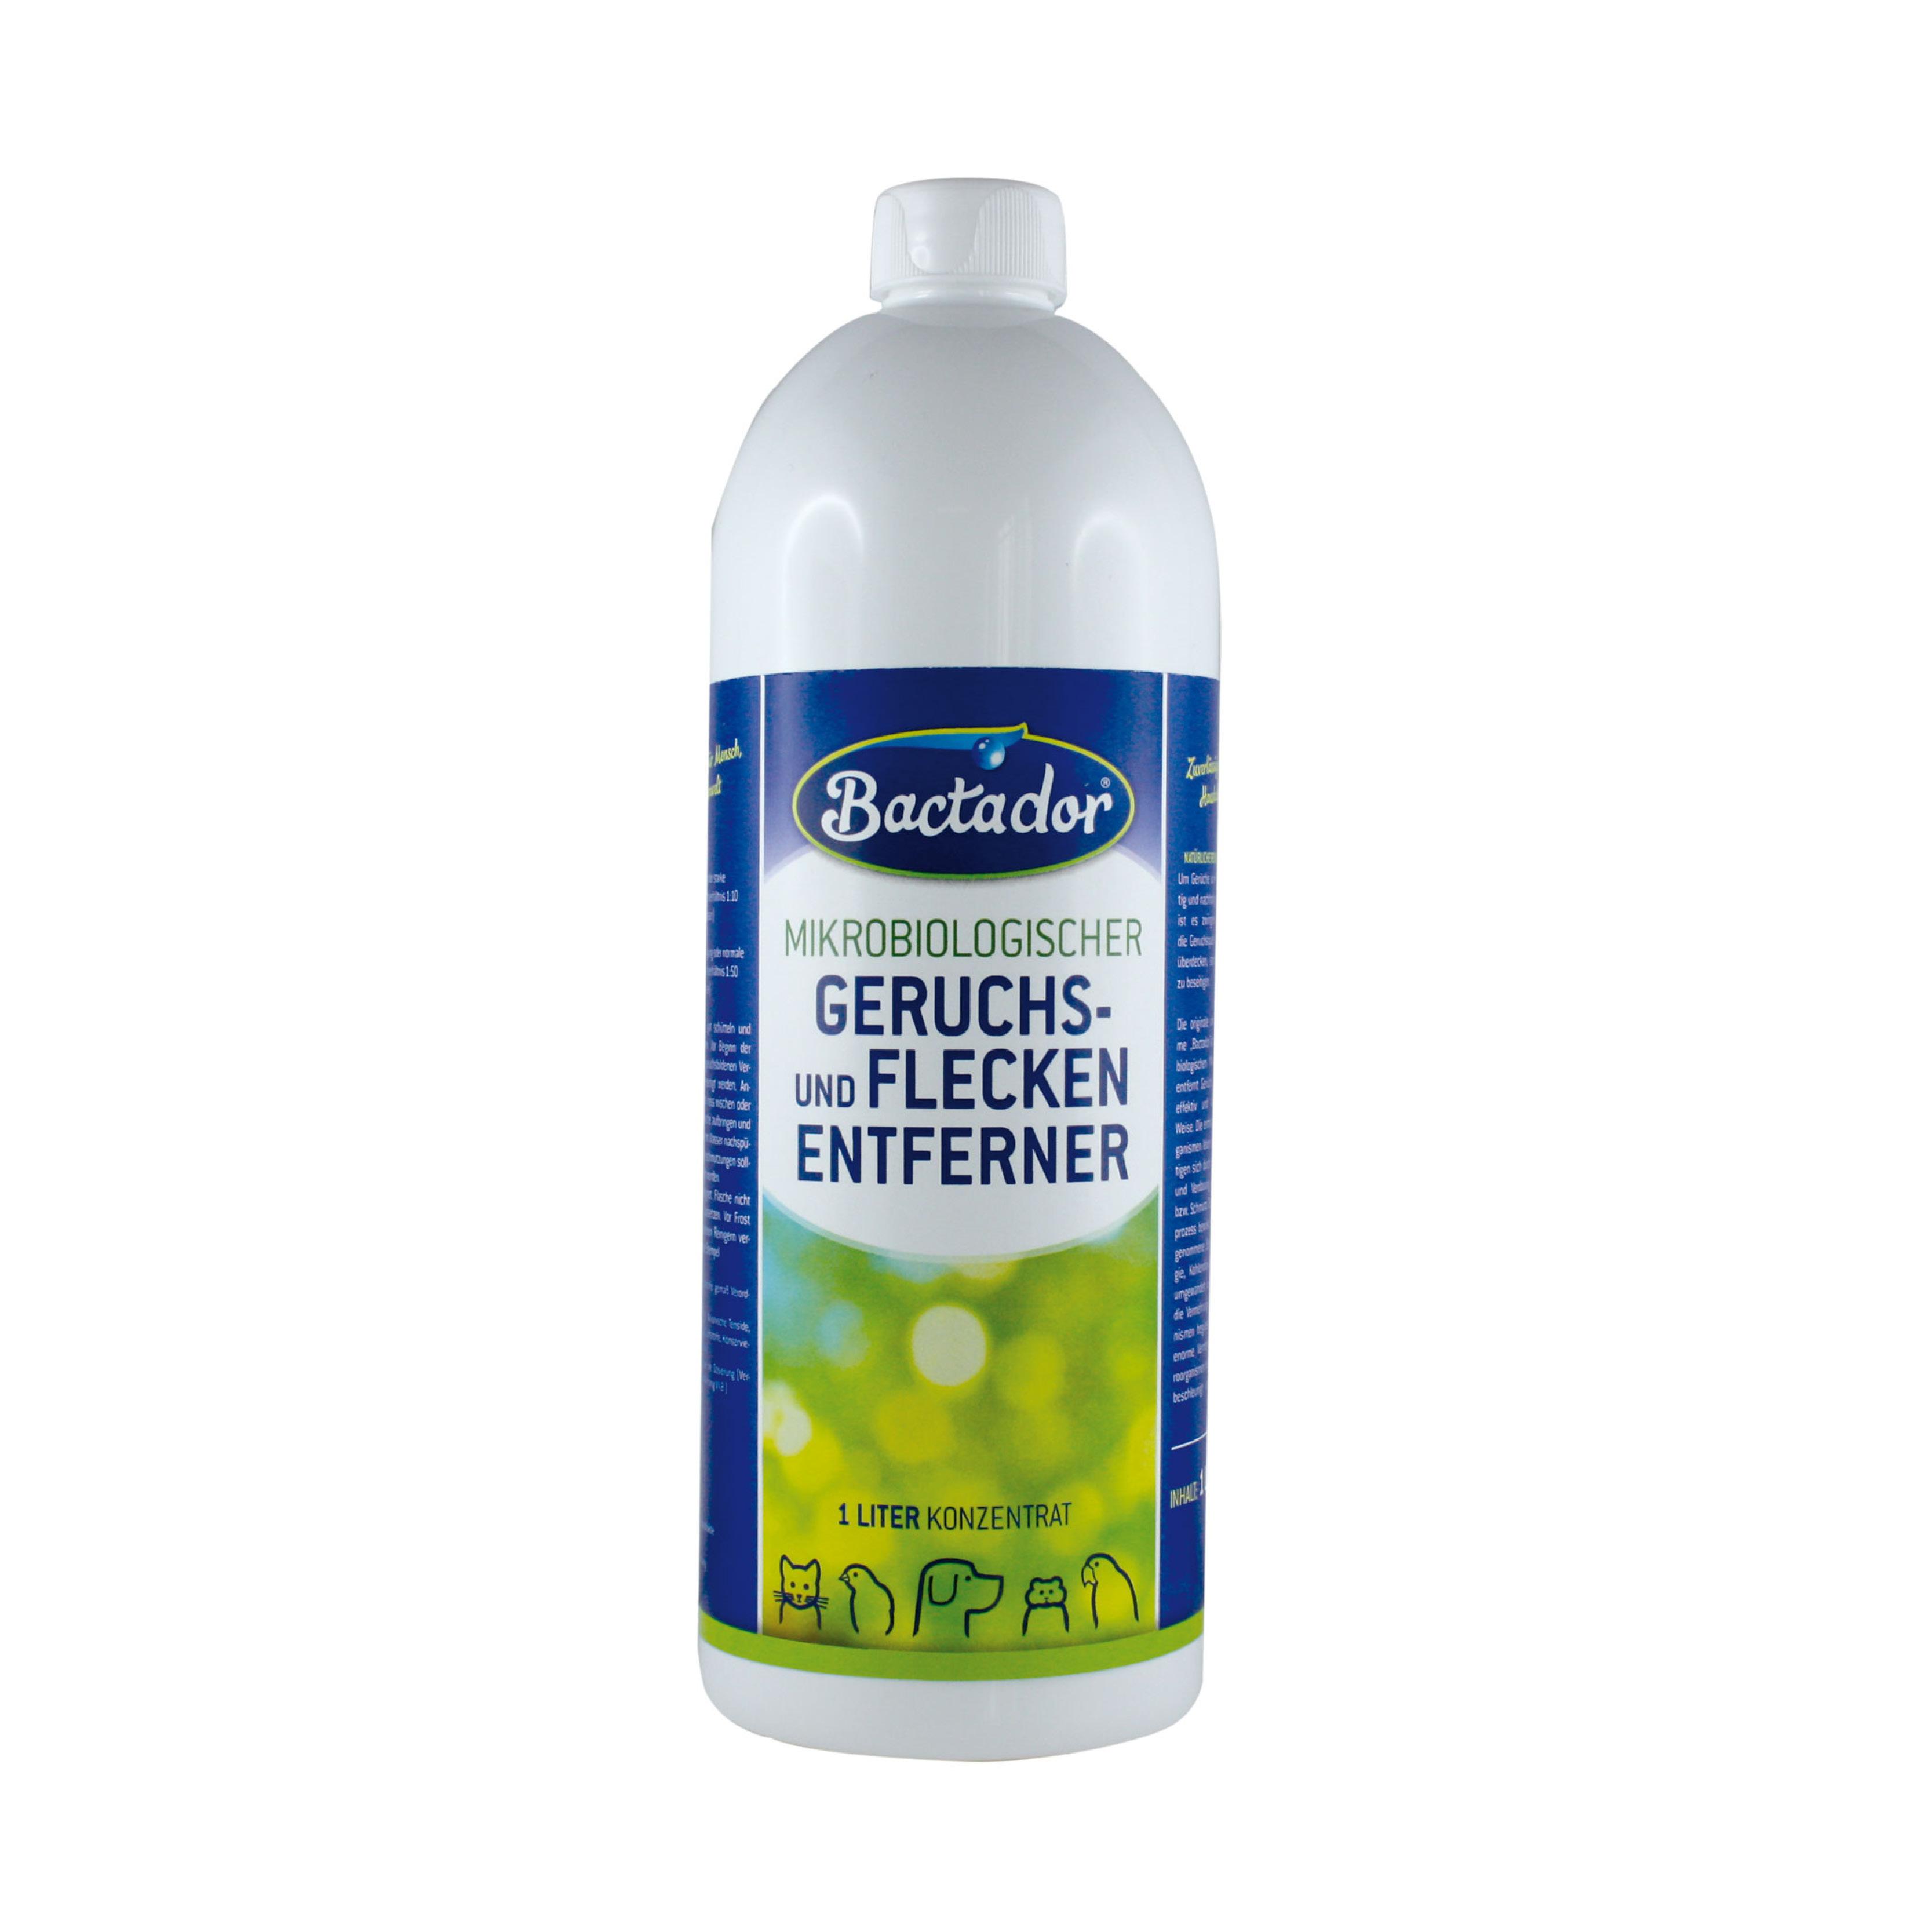 Bactador, Solutie Concentrata pentru eliminarea petelor si mirosurilor neplacute, 1 L 4pet.ro